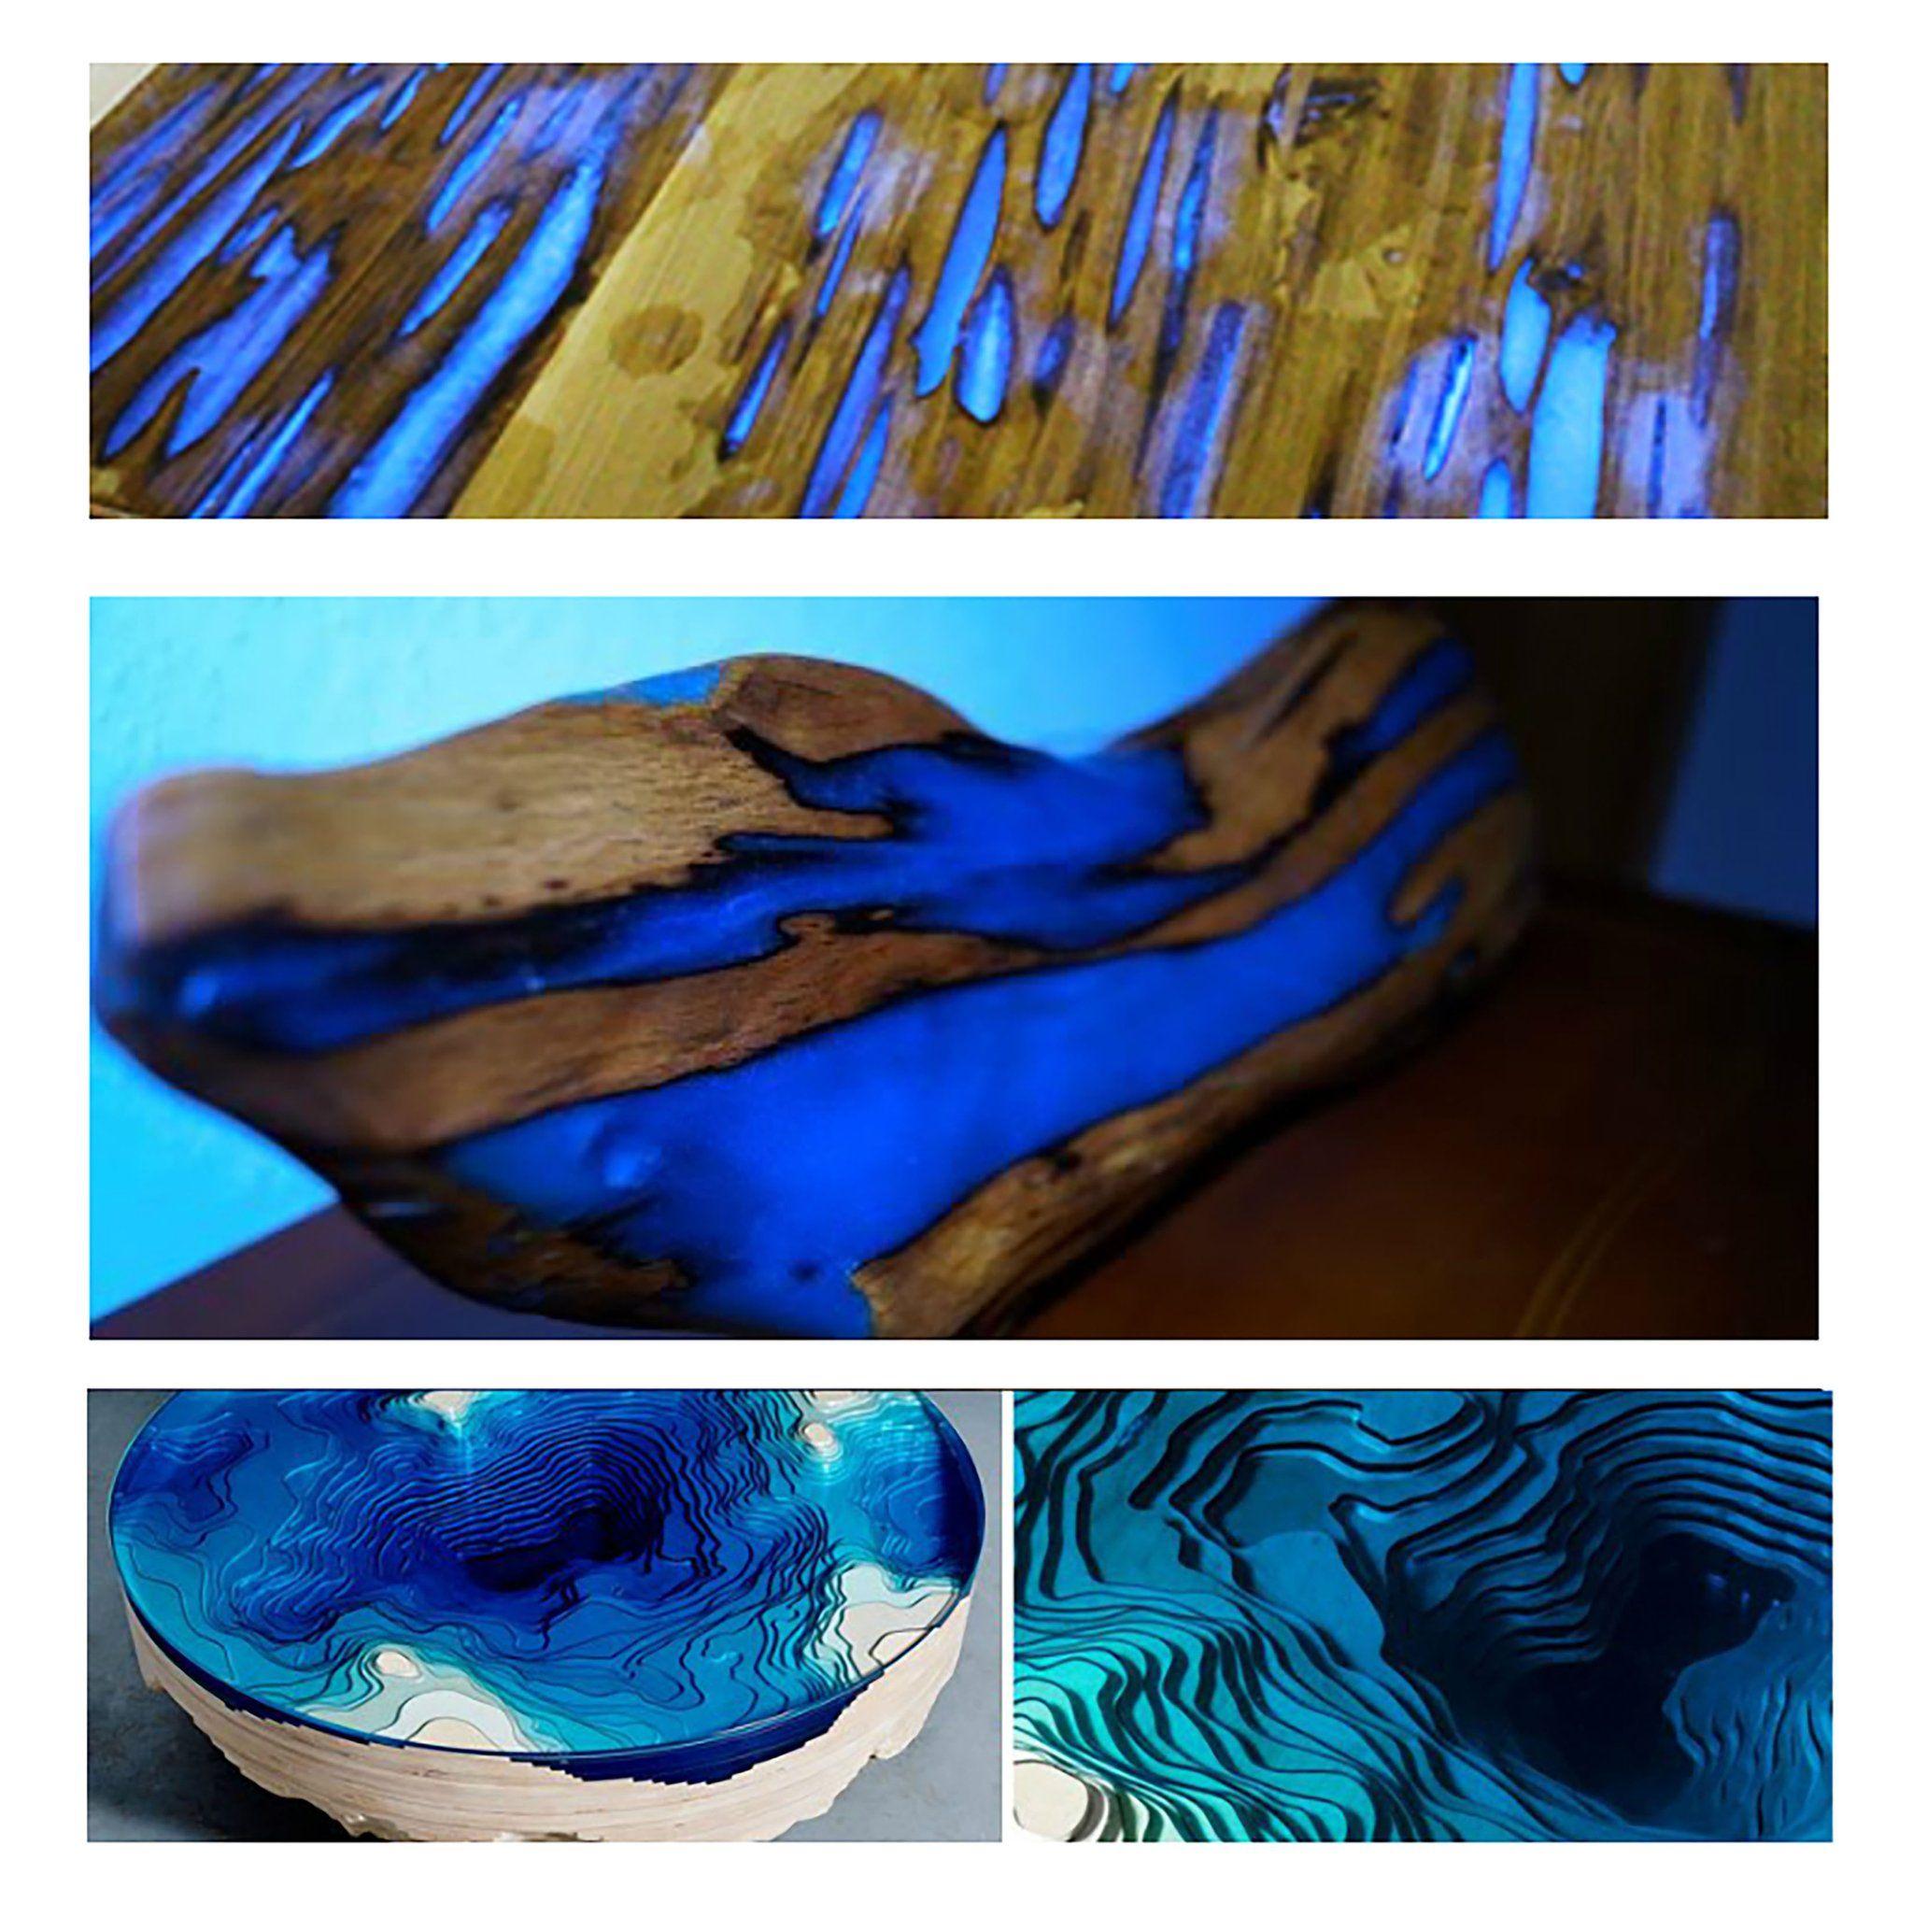 Peinture Résine Pour Meuble En Bois pigment fluorescent uv (poudre fluorescente) | Époxy, resine